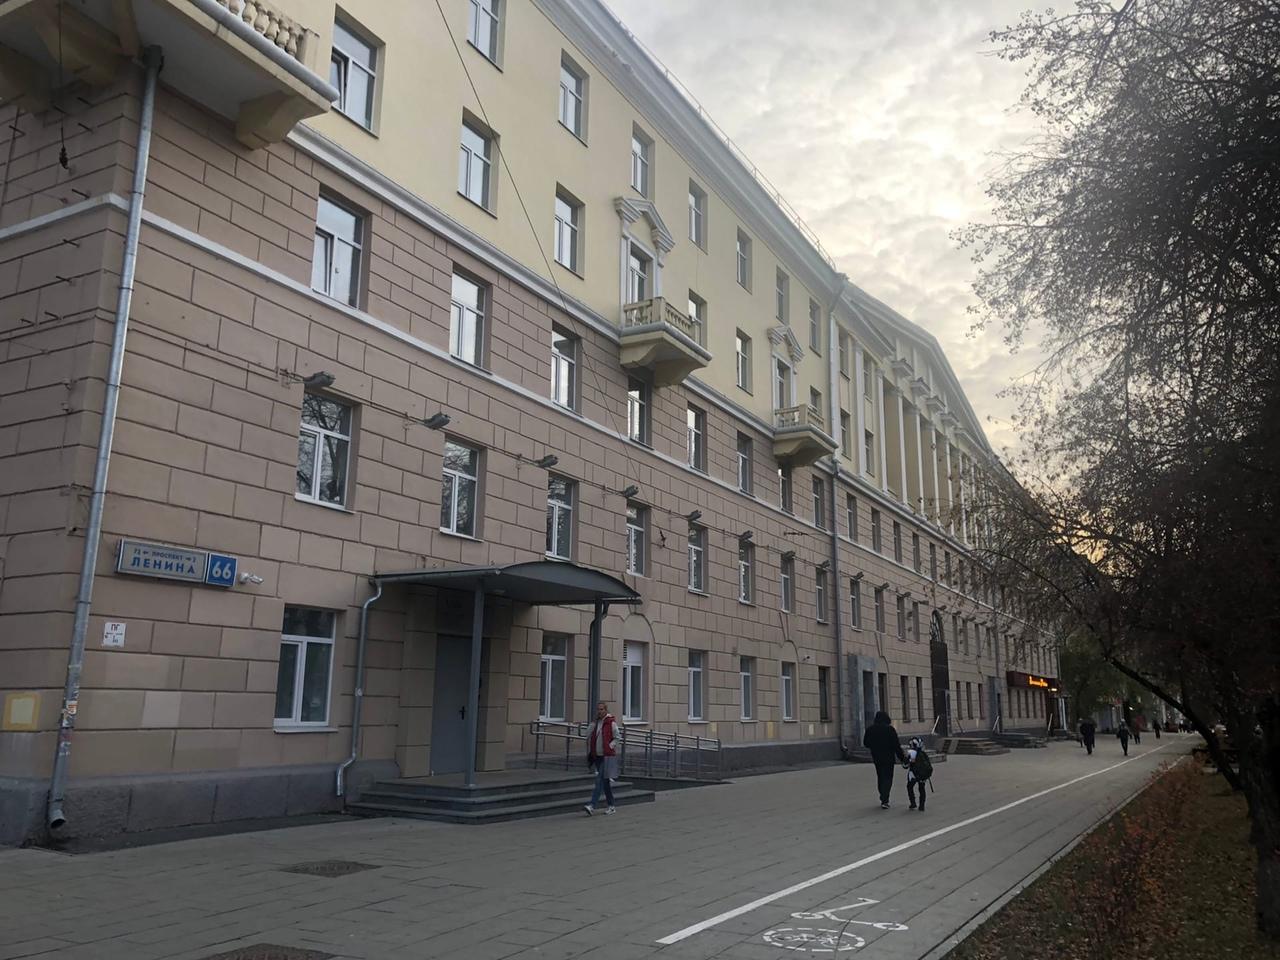 Екатеринбург, Ленина, 66. Общежитие УРФУ (бывший УПИ). Где-то здесь и комната 531. Фото из личного архива автора.